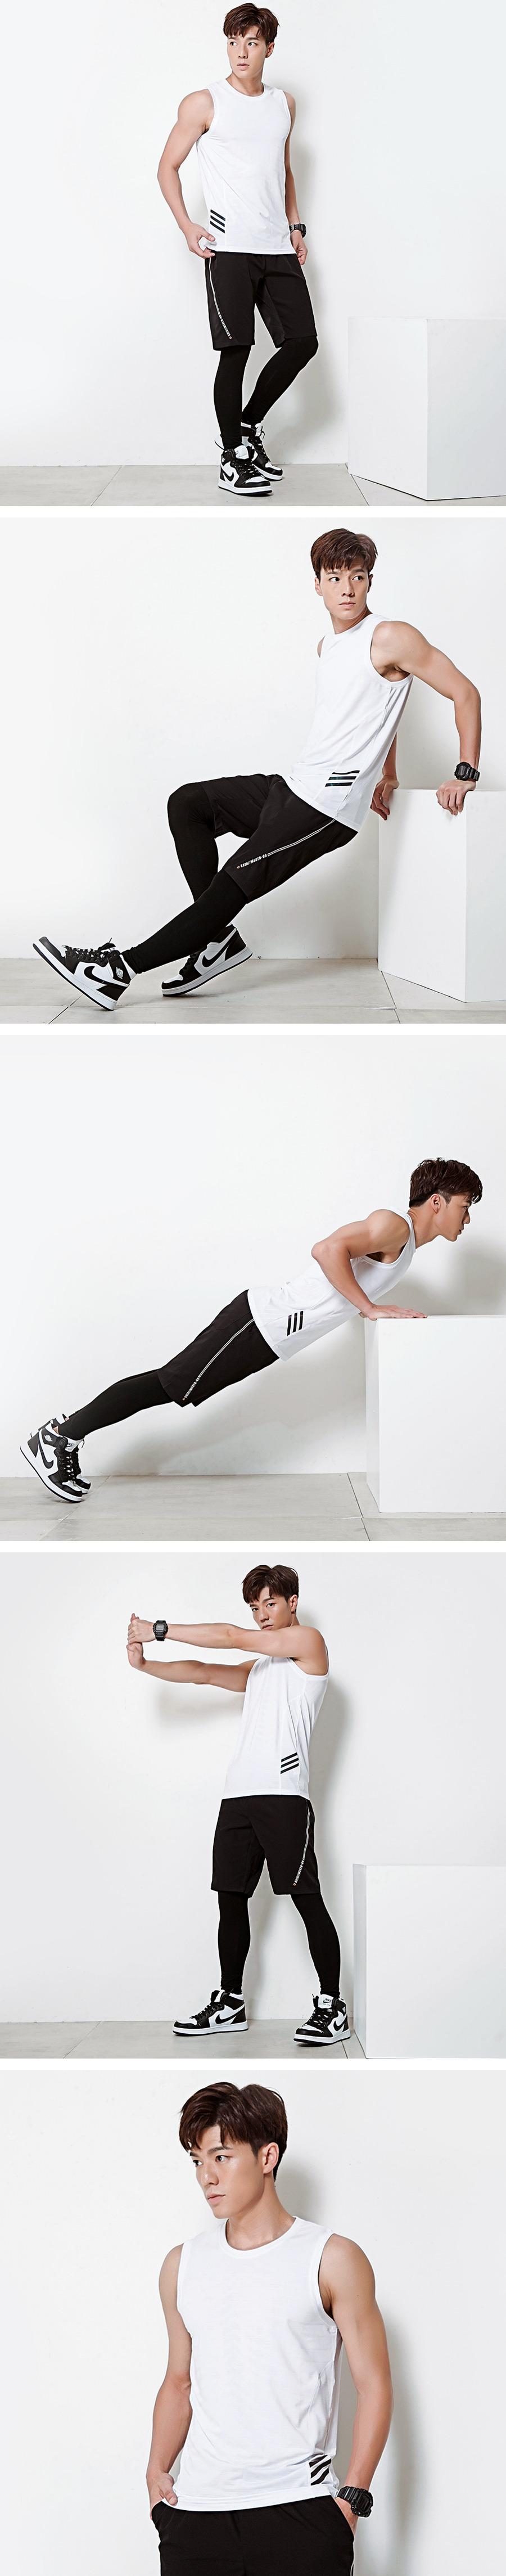 側邊三線舒適運動背心